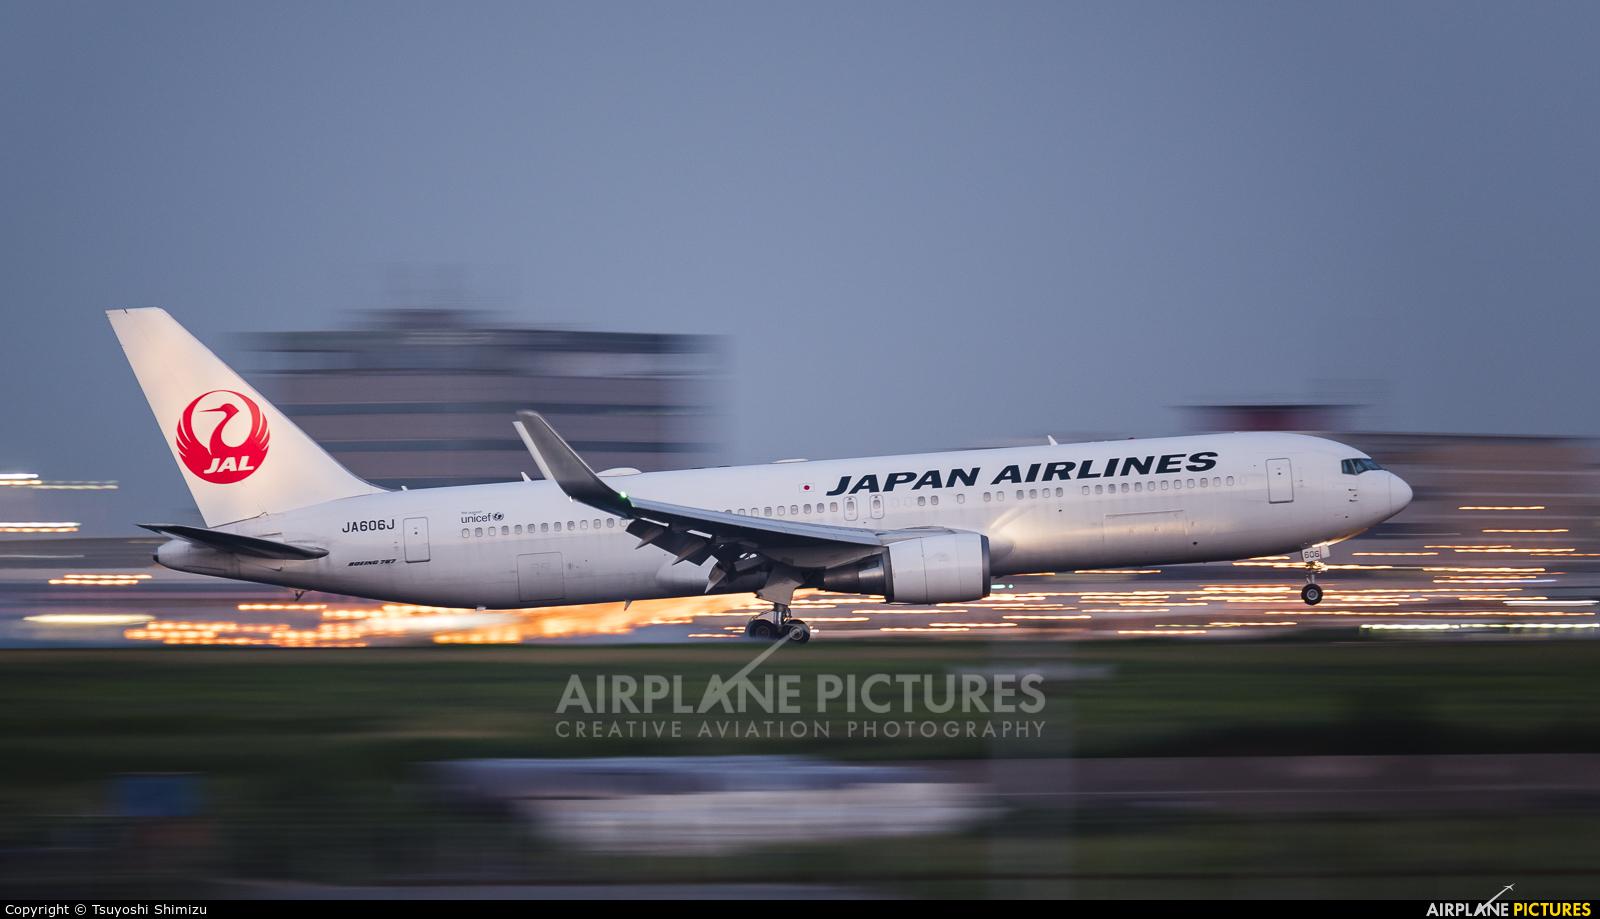 JAL - Japan Airlines JA606J aircraft at Tokyo - Haneda Intl